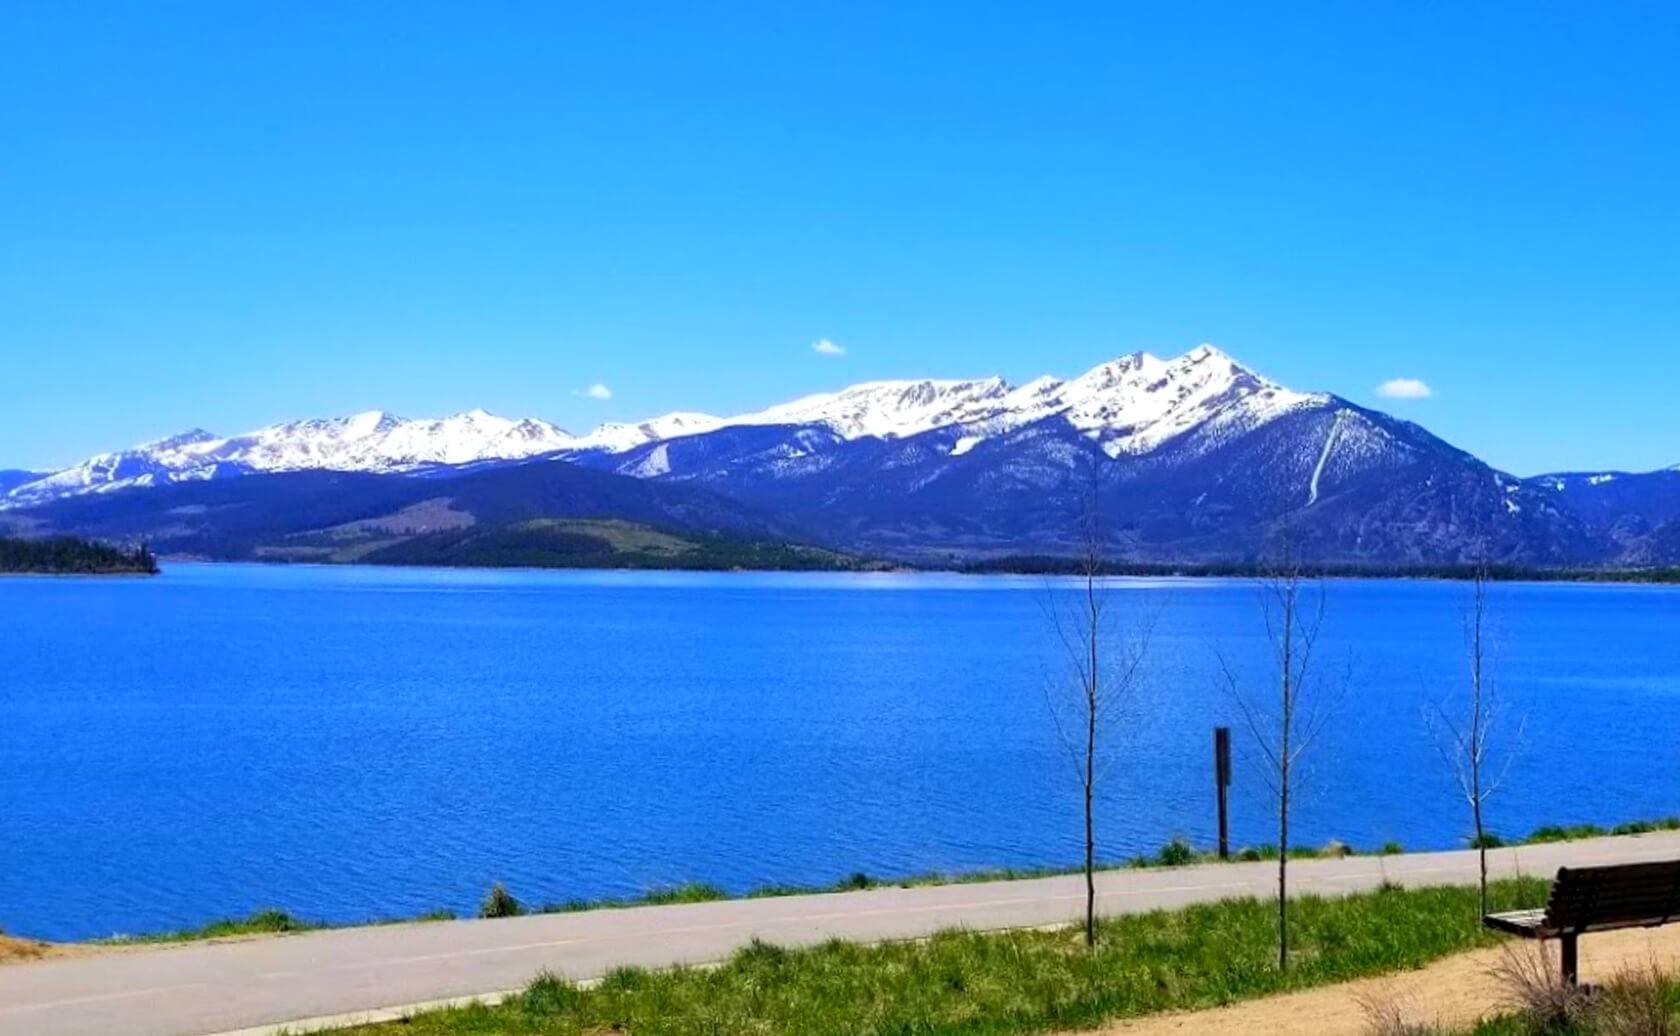 Dillon-Lake-Fishing-Guide-Report-Colorado-01